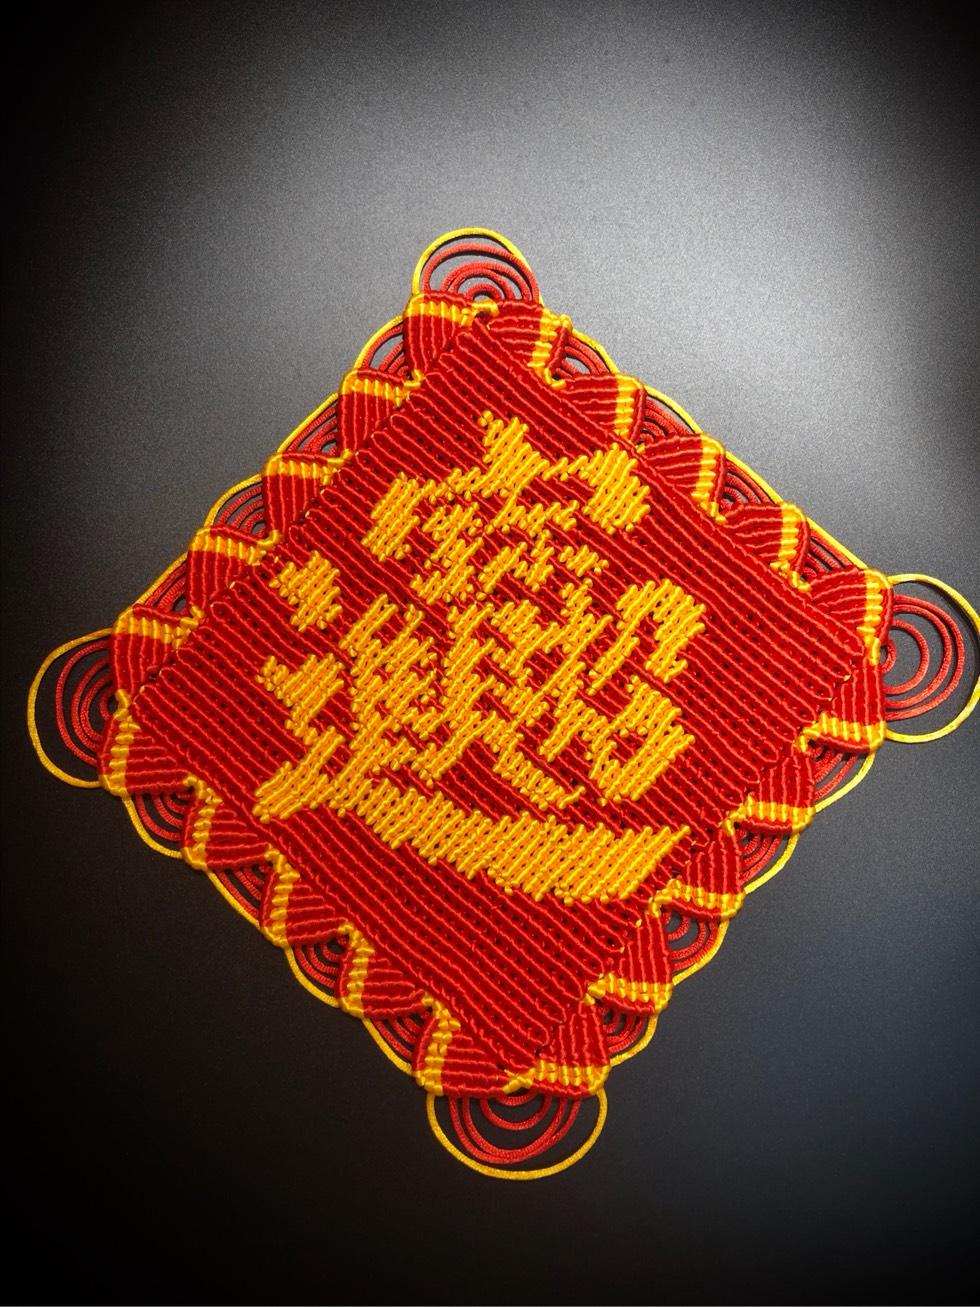 中国结论坛 招财进宝 招财进宝八方来财图片,最好的招财进宝图片,招财进宝下一句,招财进宝的寓意,招财进宝图片 作品展示 171641iw9v1gka7oaa1go3